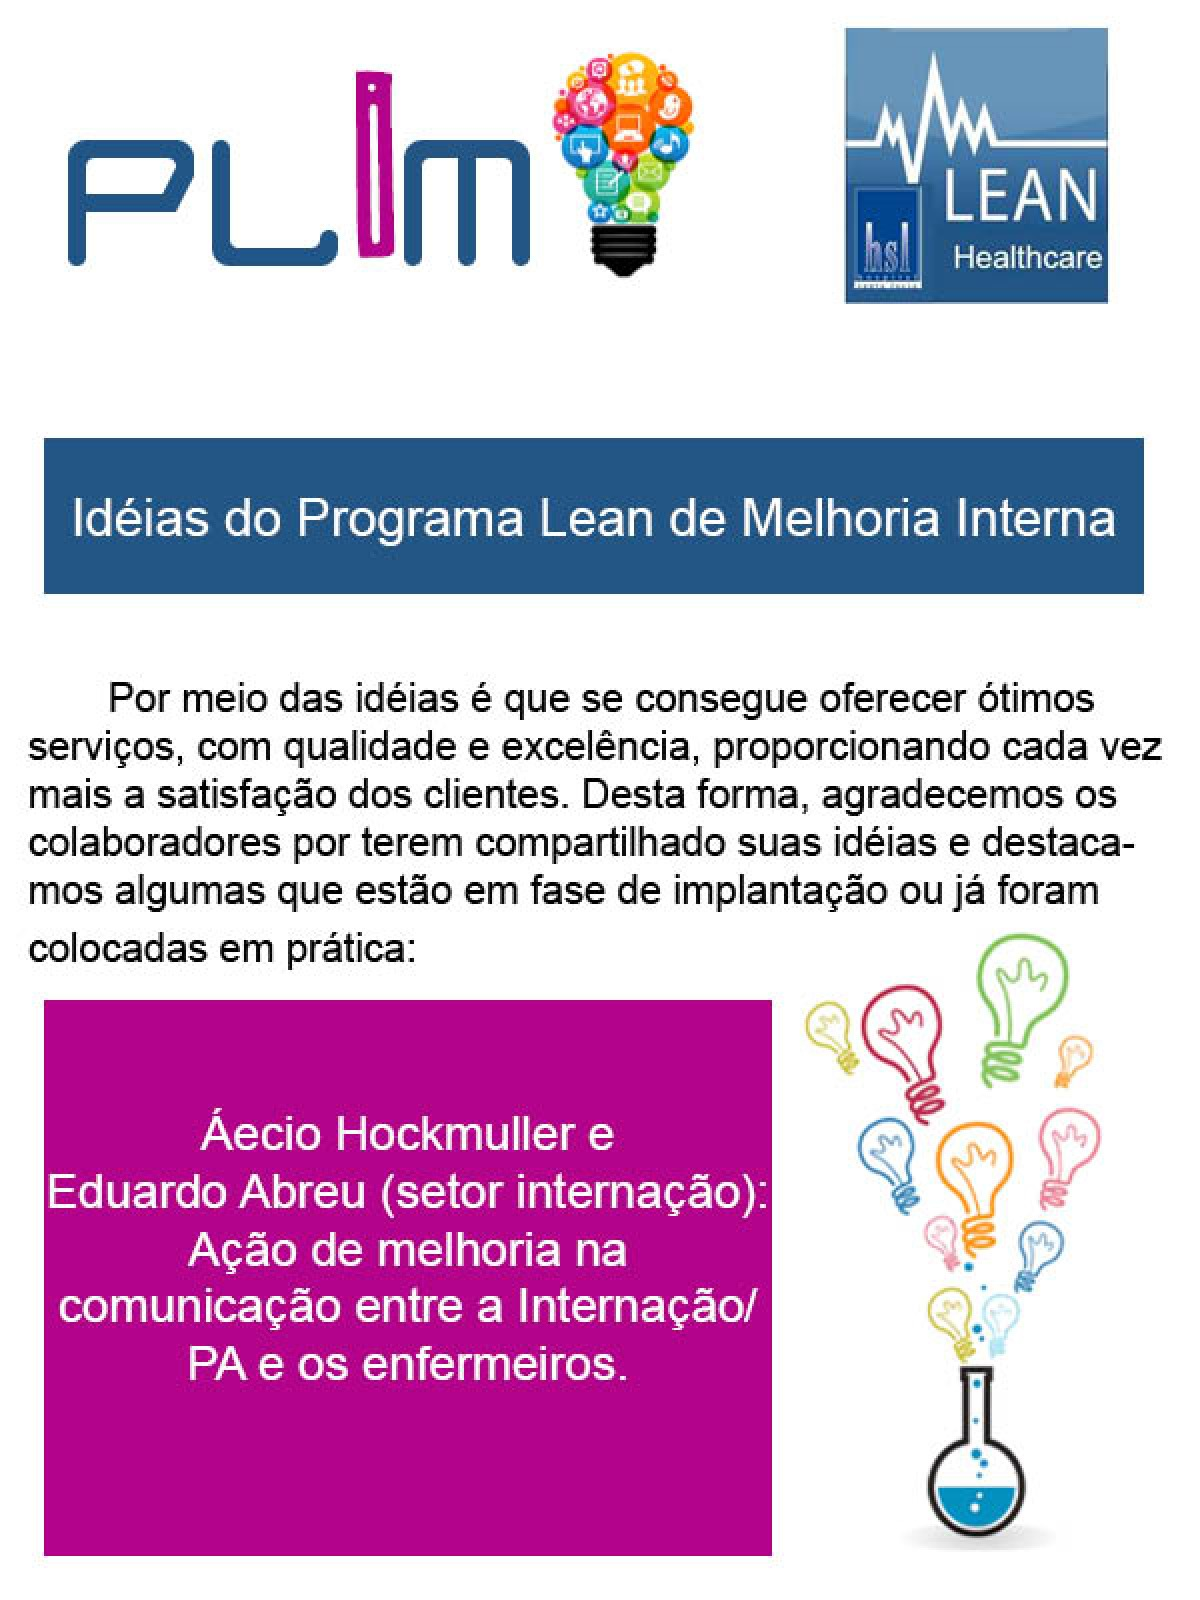 Idéias do Programa Lean de Melhoria Interna 3